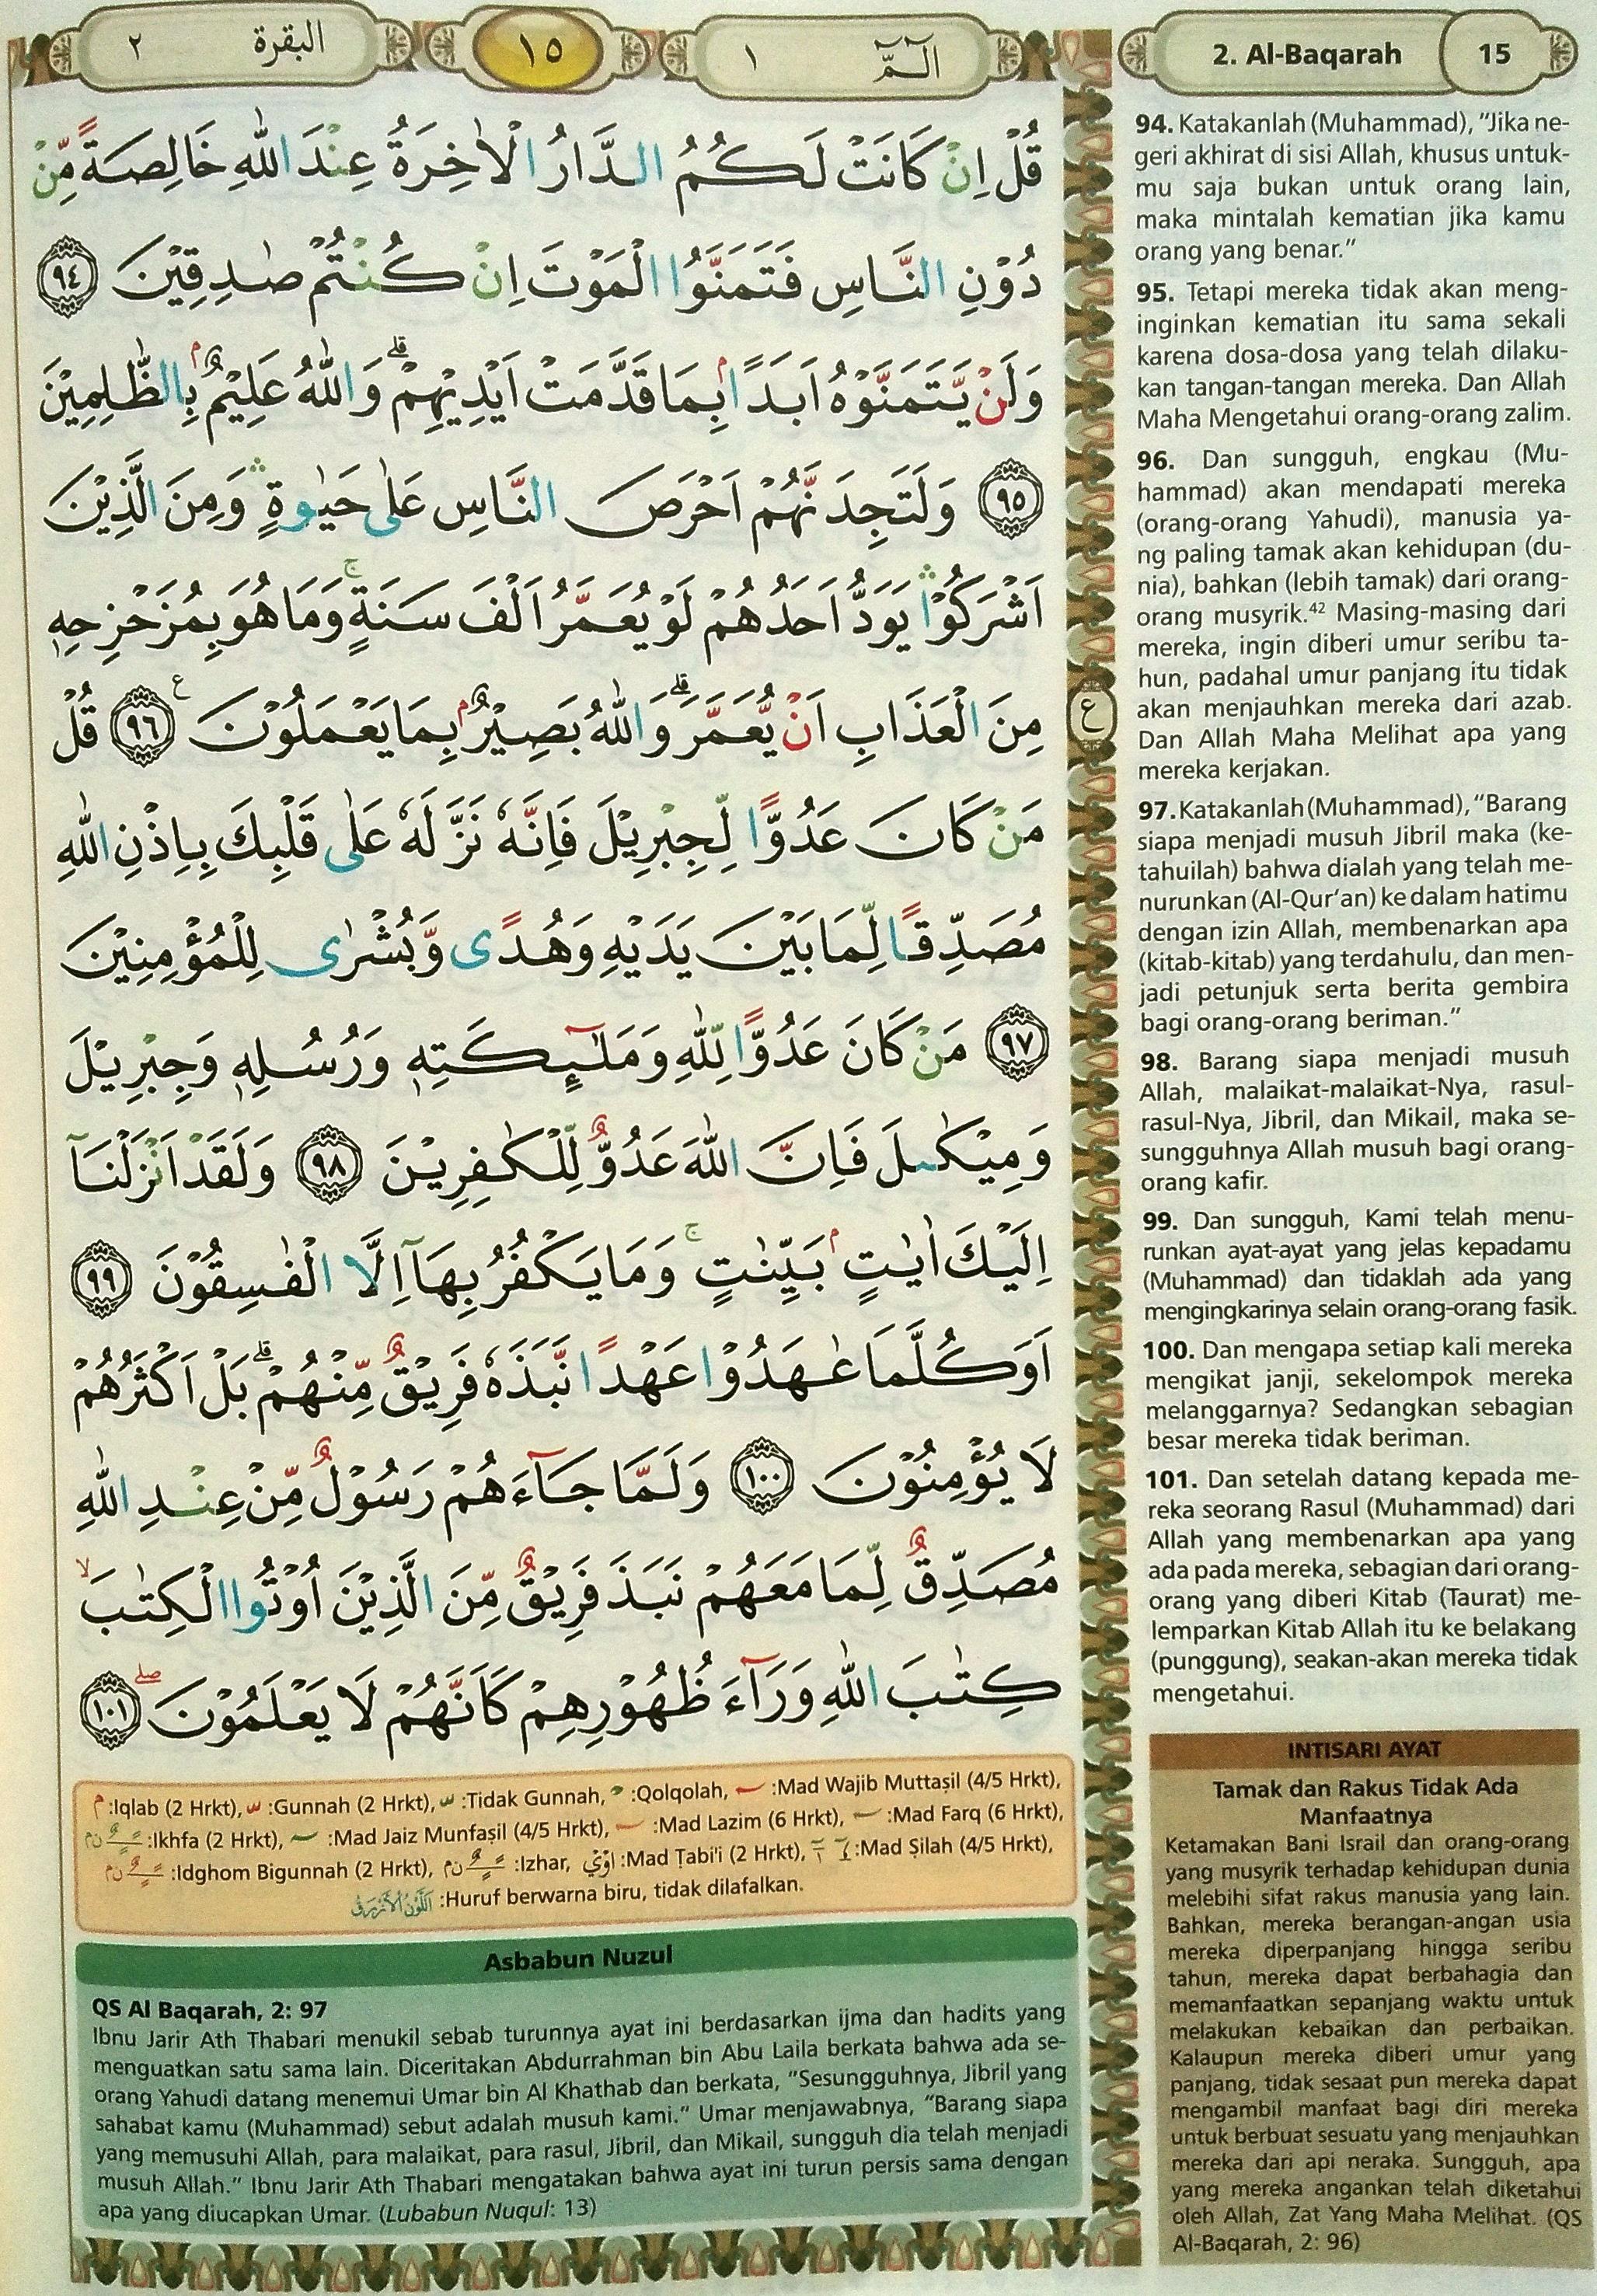 Al Baqarah 94-101